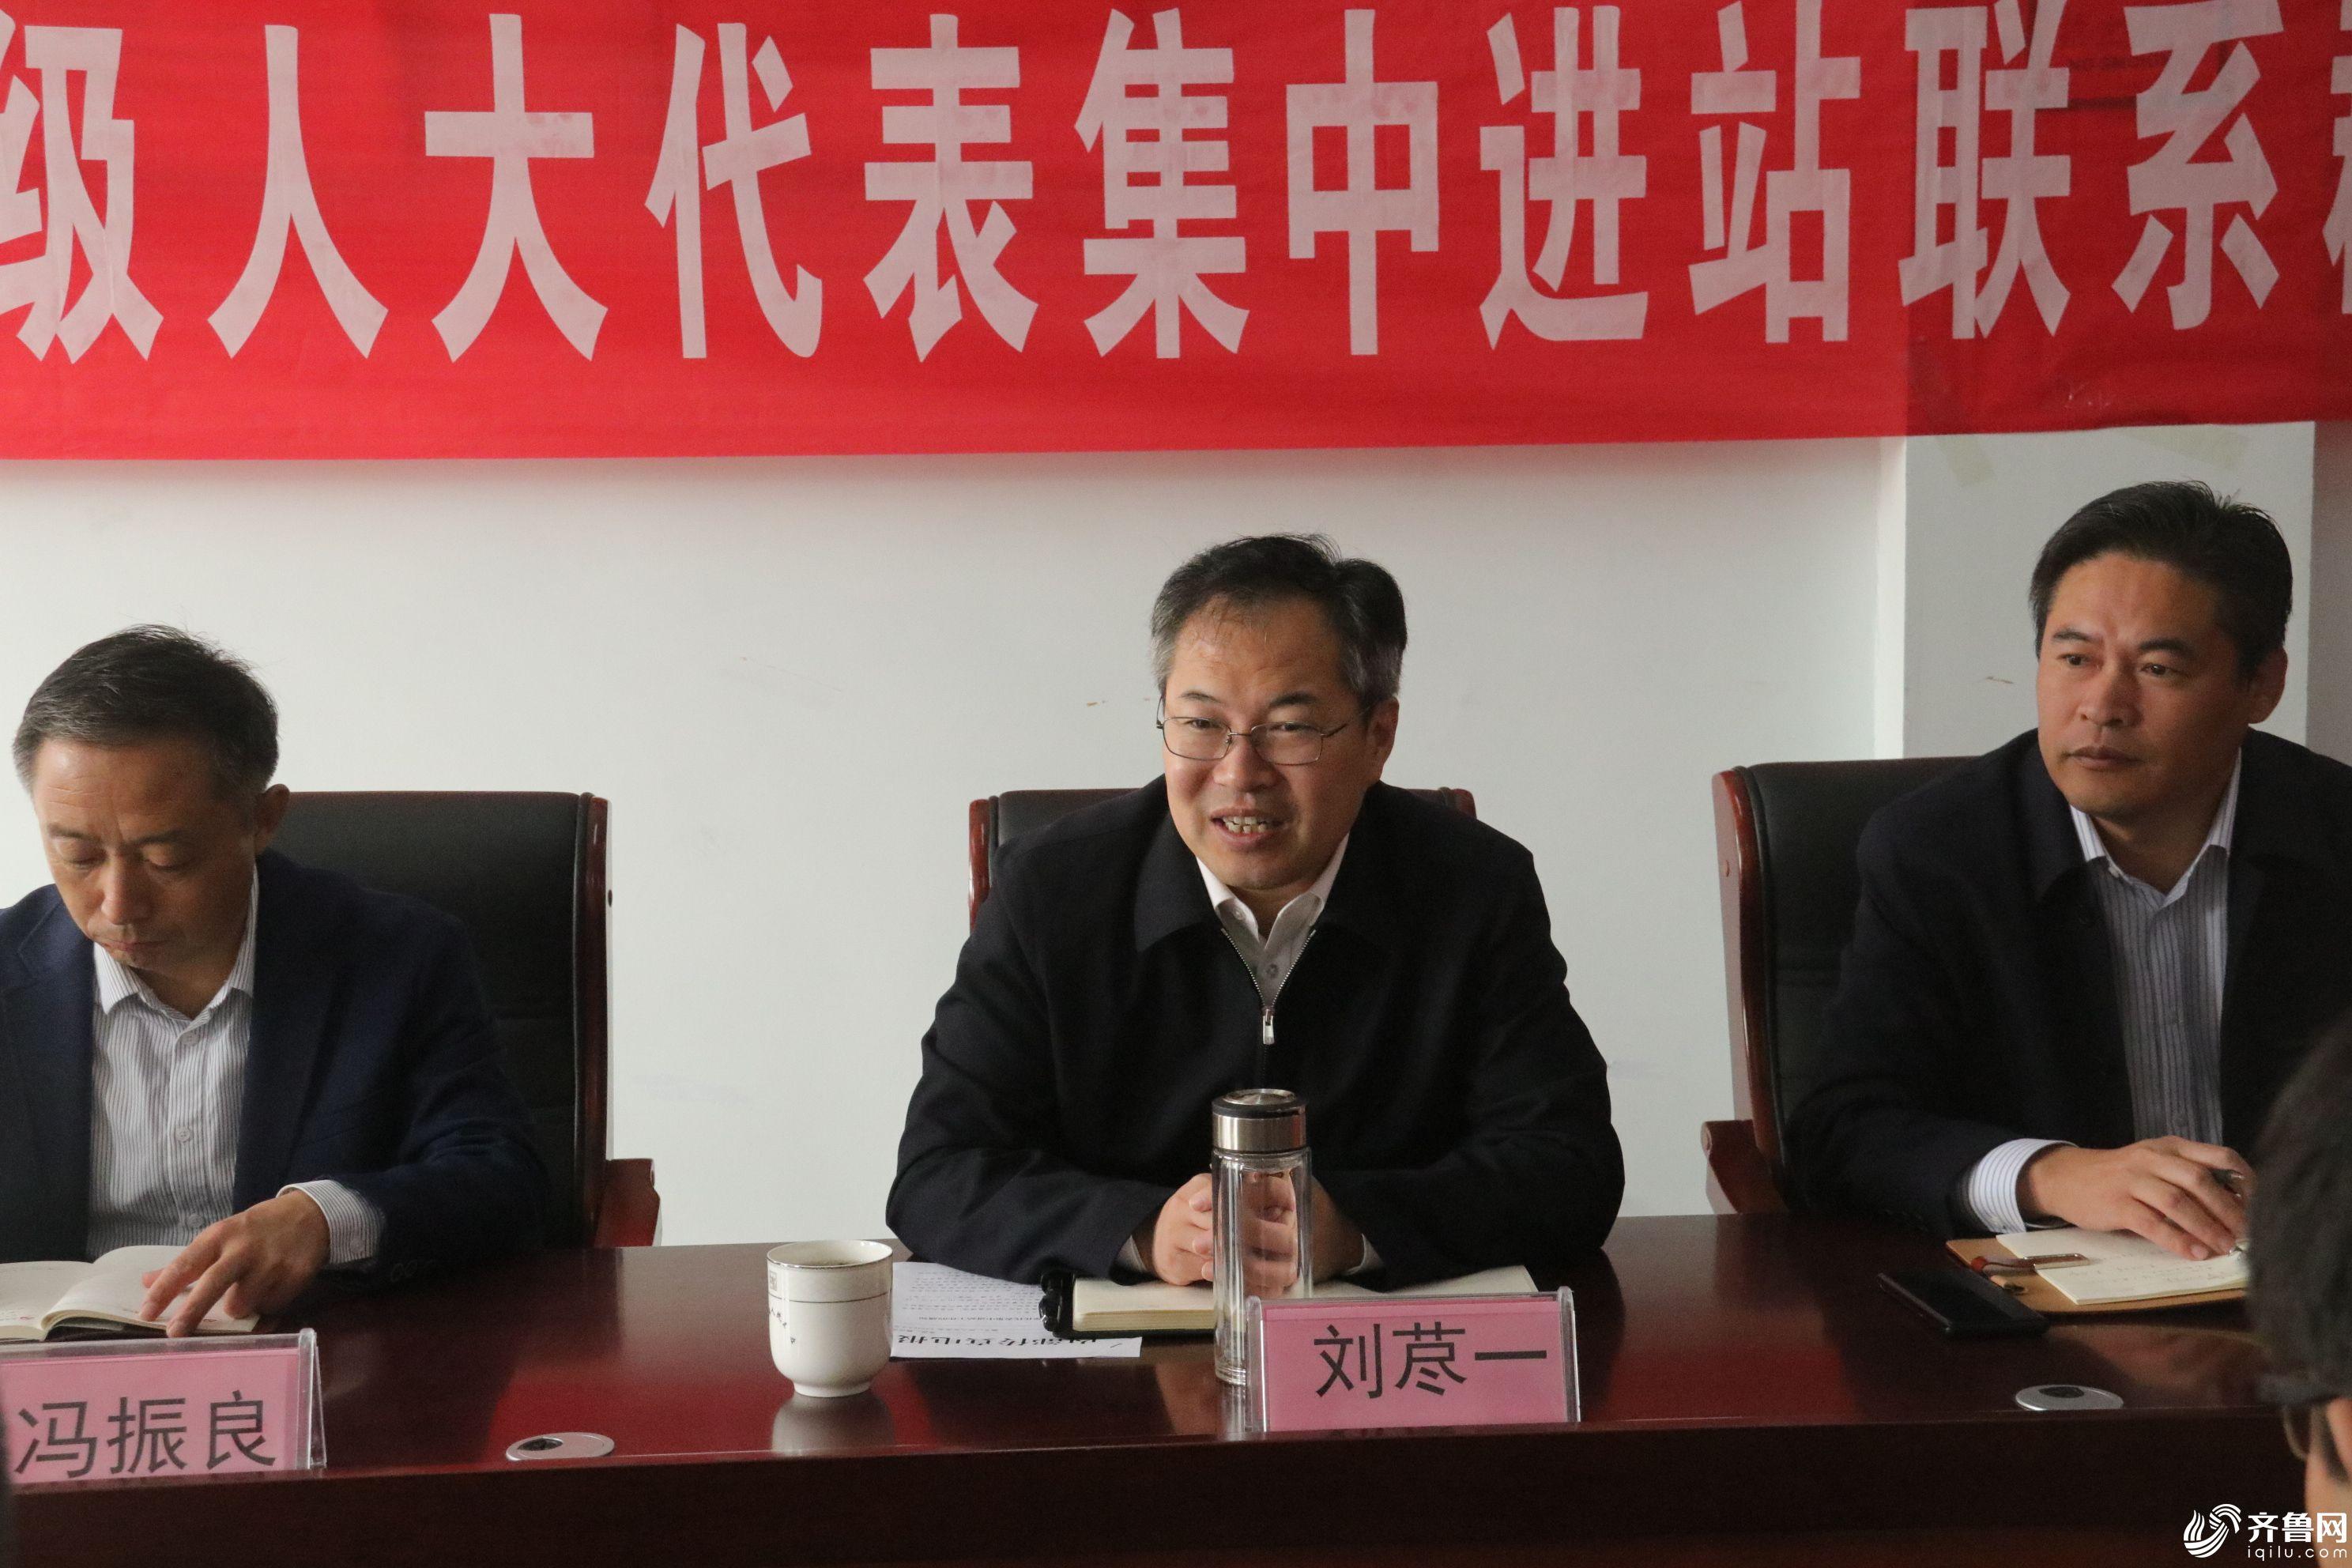 县长刘荩一到河流镇进站参加活动 (2)